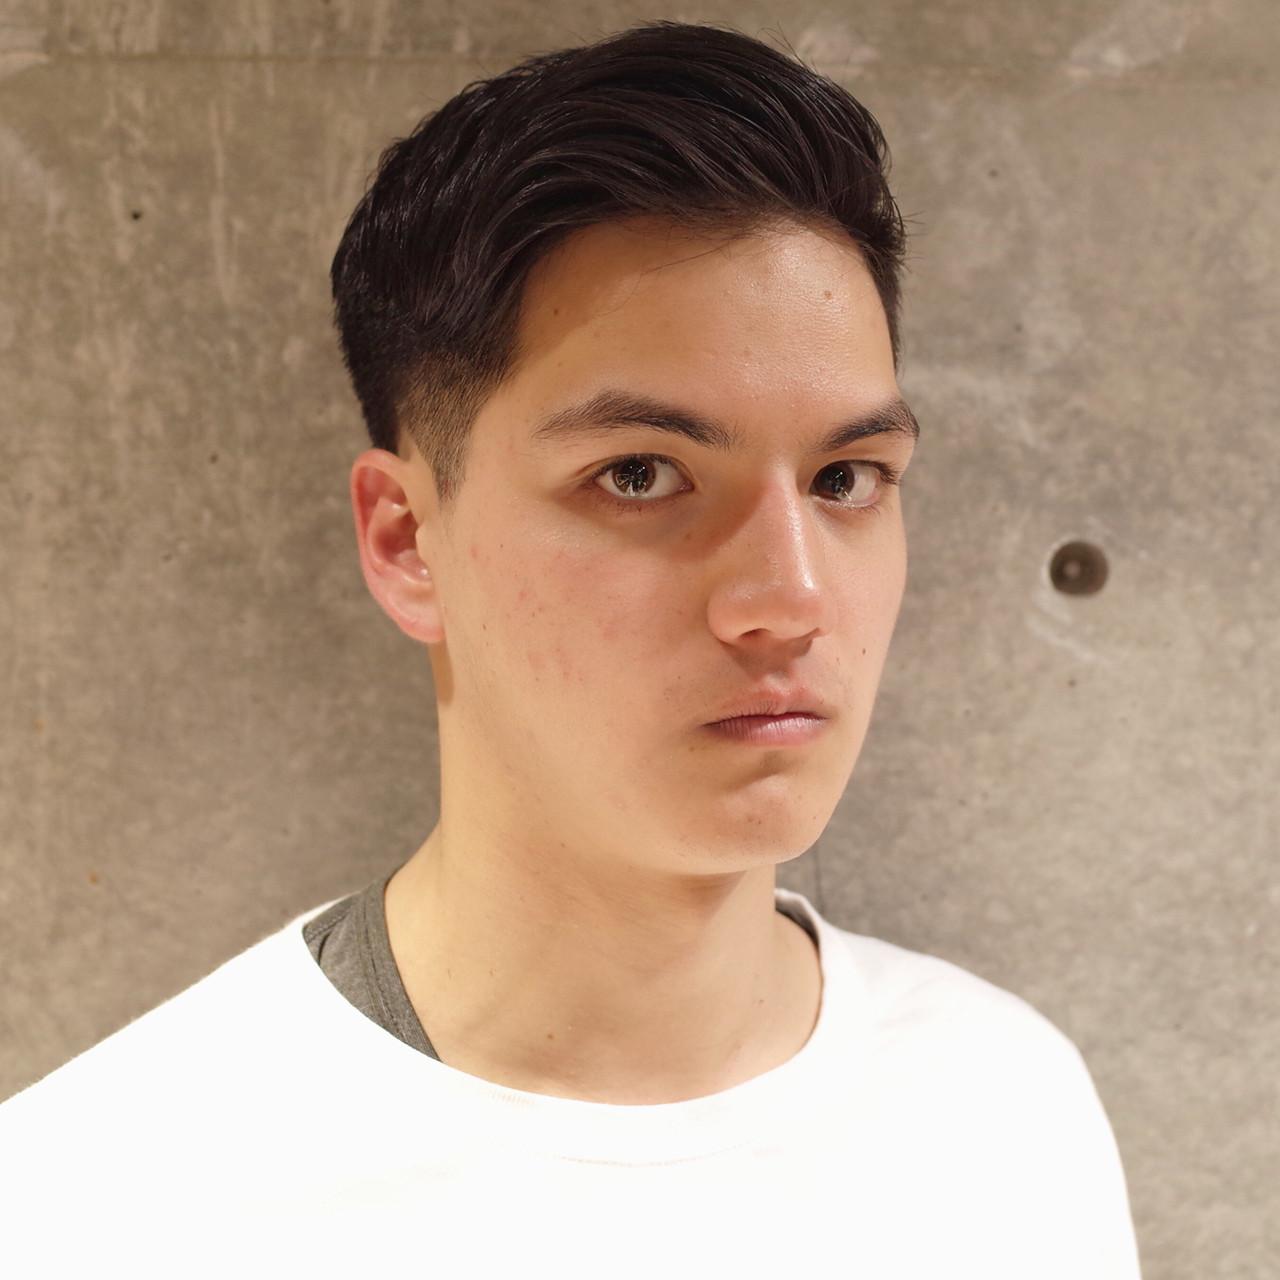 ツーブロック メンズショート 刈り上げ ショート ヘアスタイルや髪型の写真・画像